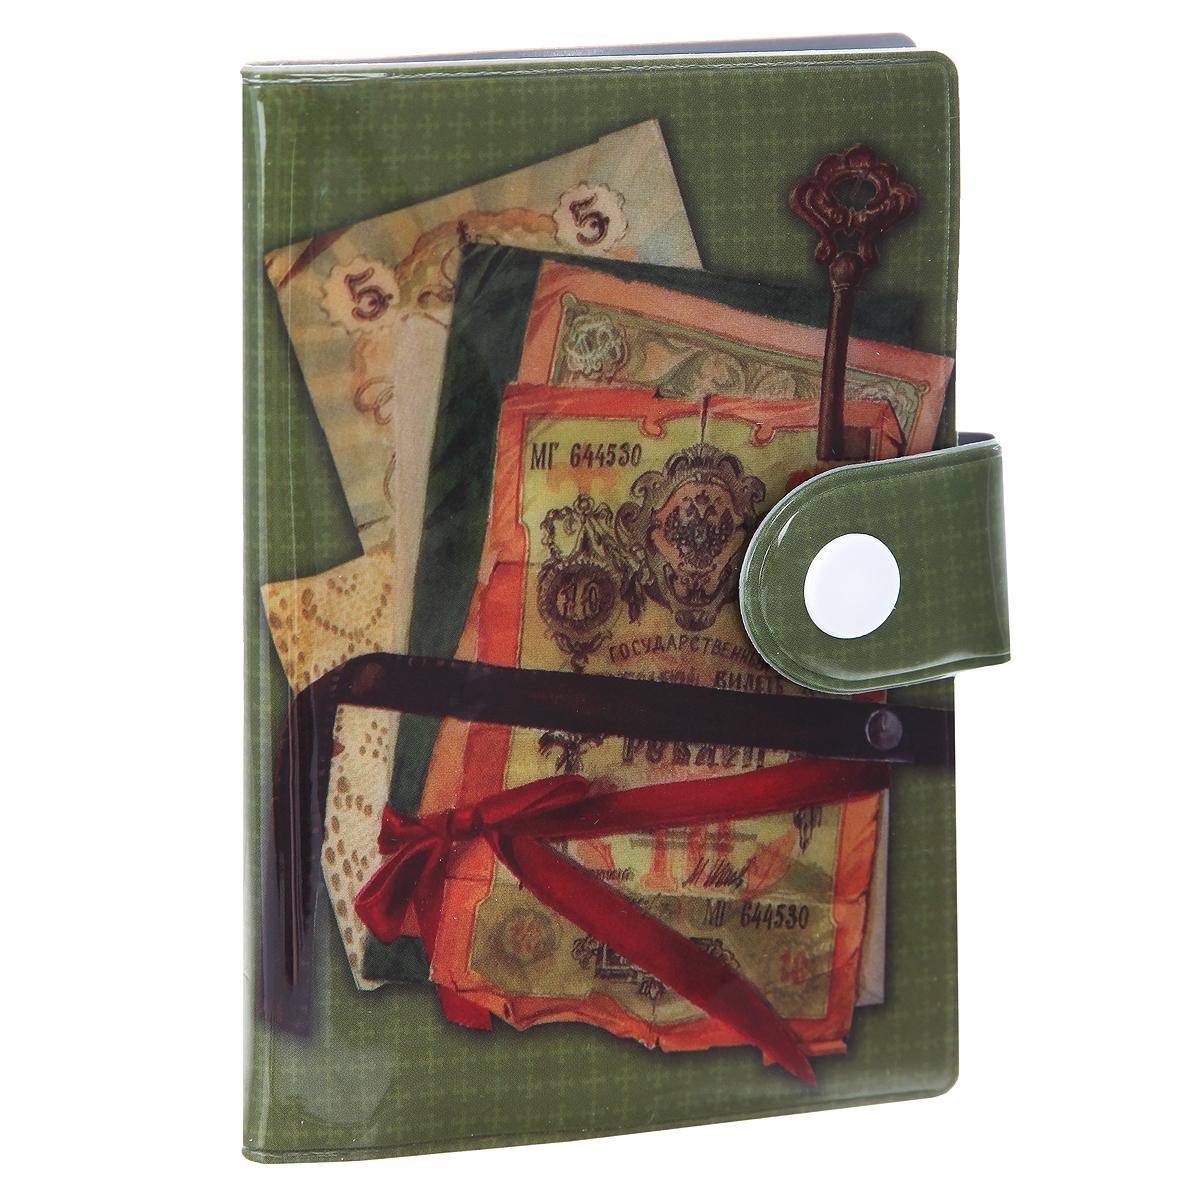 Визитница Банкноты. 37739/5037739Компактная вертикальная визитница Банкноты - стильная вещь для хранения визиток. Обложка визитницы имеет закругленные края и оформлена оригинальным изображением старинных банкнот на зеленом фоне. Закрывается при помощи хлястика на кнопку. Внутри - блок из прозрачного мягкого пластика на 10 визиток, который крепится к корпусу визитницы. Стильная визитница - это не только практичная вещь для хранения пластиковых карт, но и модный аксессуар, который подчеркнет ваш неповторимый стиль. Такая красочная визитница станет прекрасным подарком для любителей оригинальных и практичных вещиц.